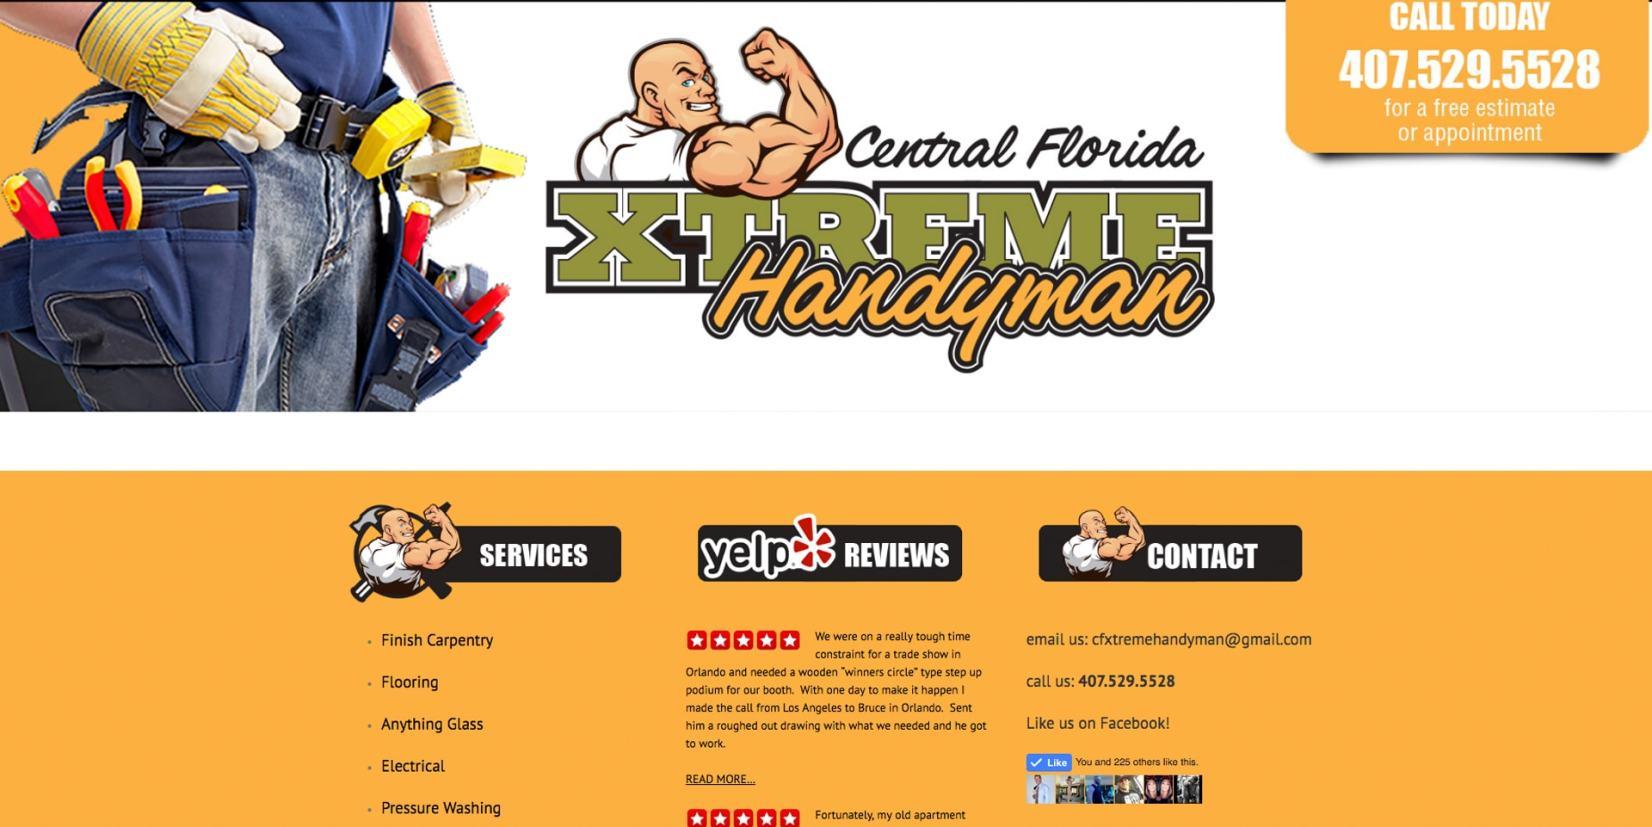 web page design - Xtremehandyman